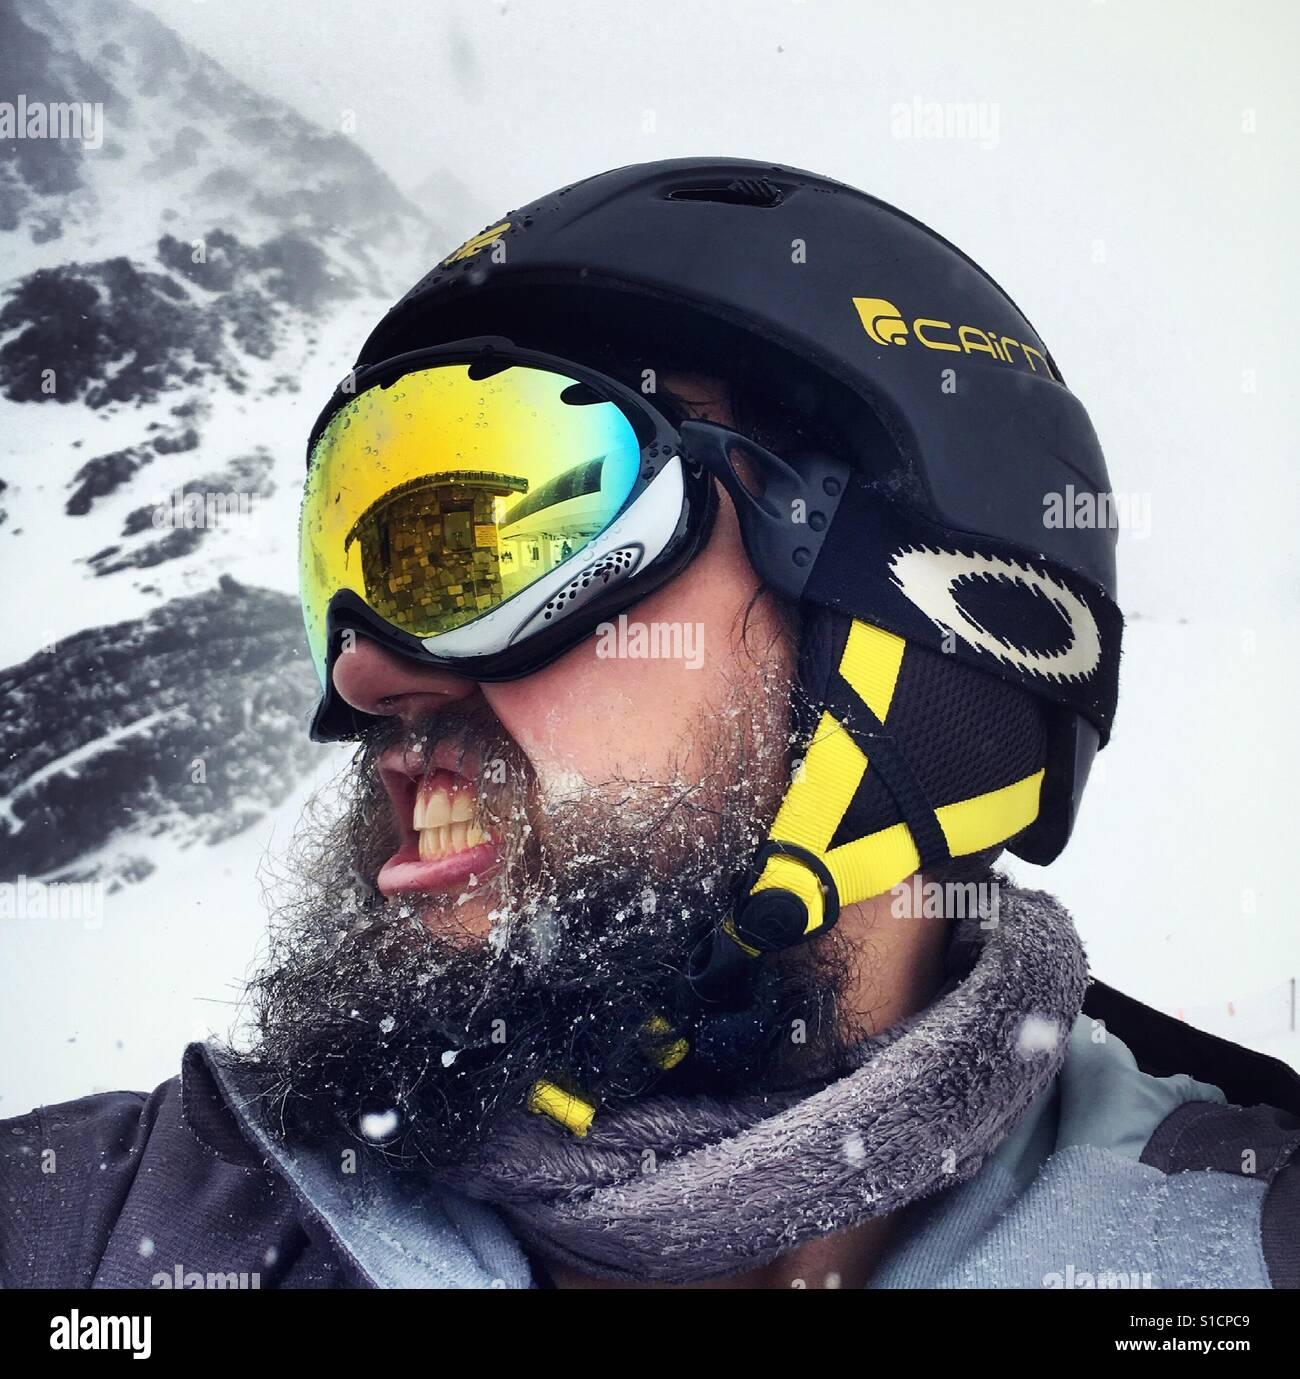 Bärtige Snowboarder bei extremem Wetter Stockfoto